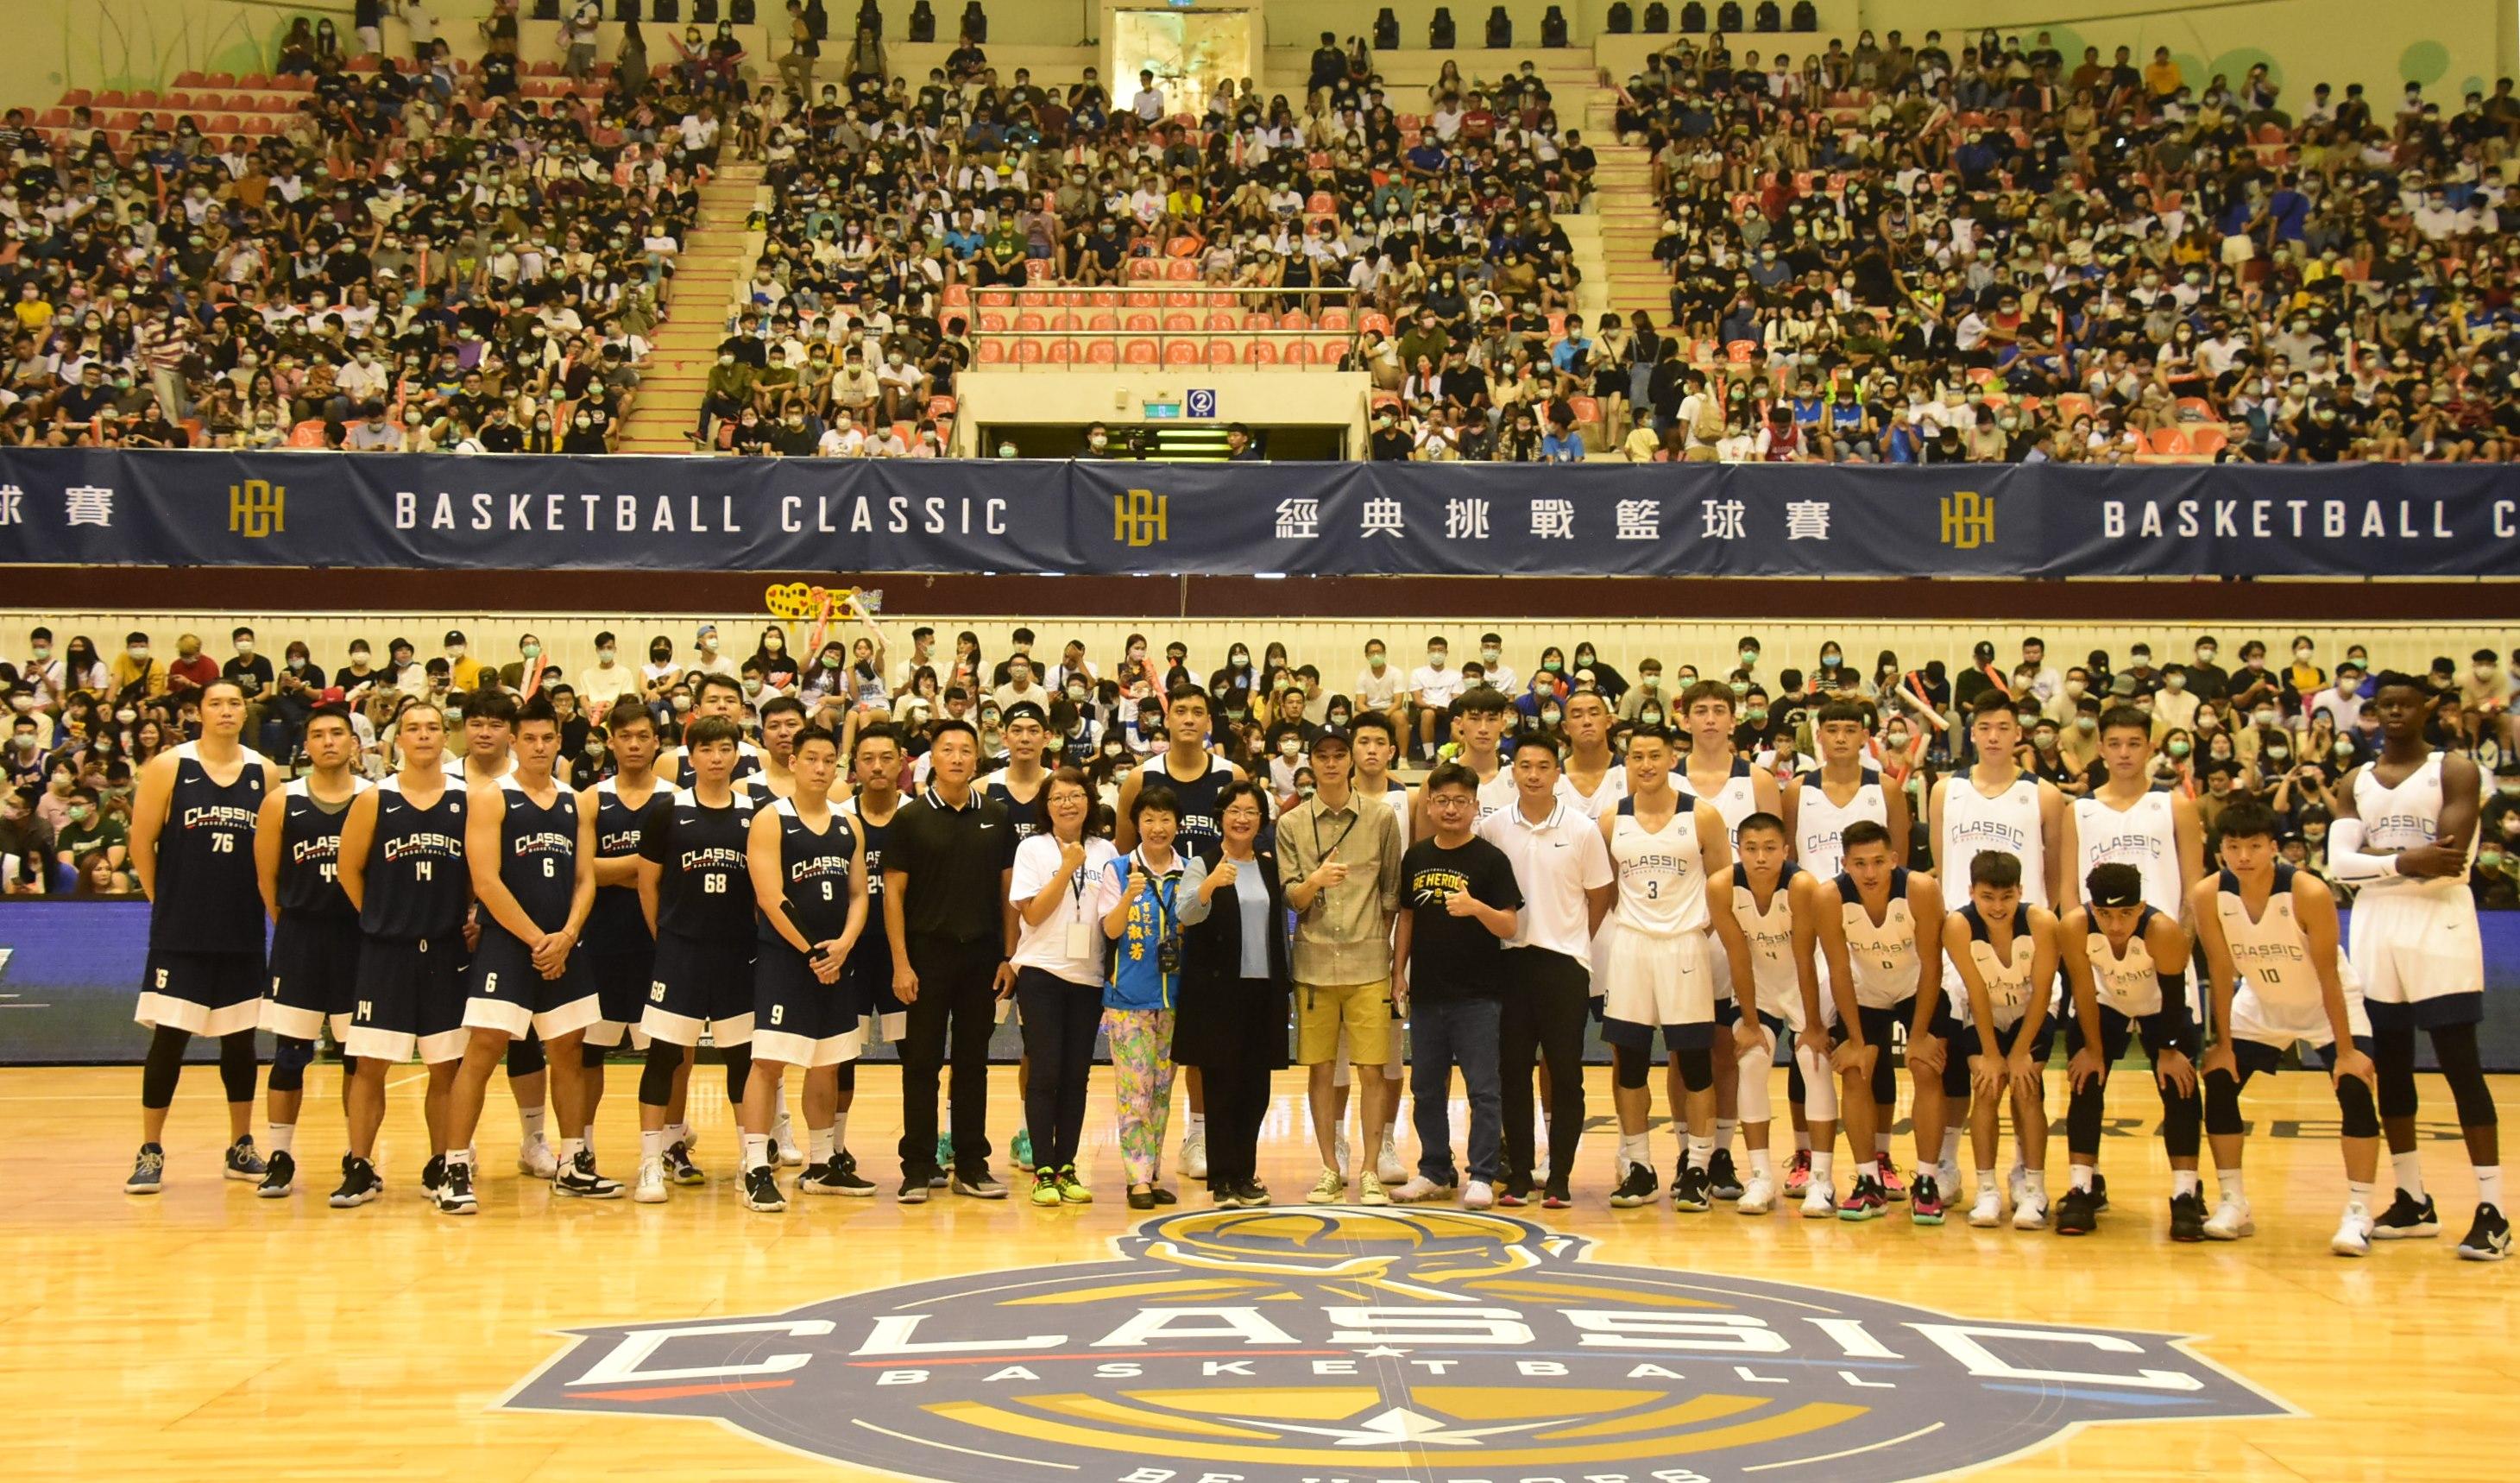 經典挑戰籃球賽 在彰化  王縣長開球   強力行銷彰化